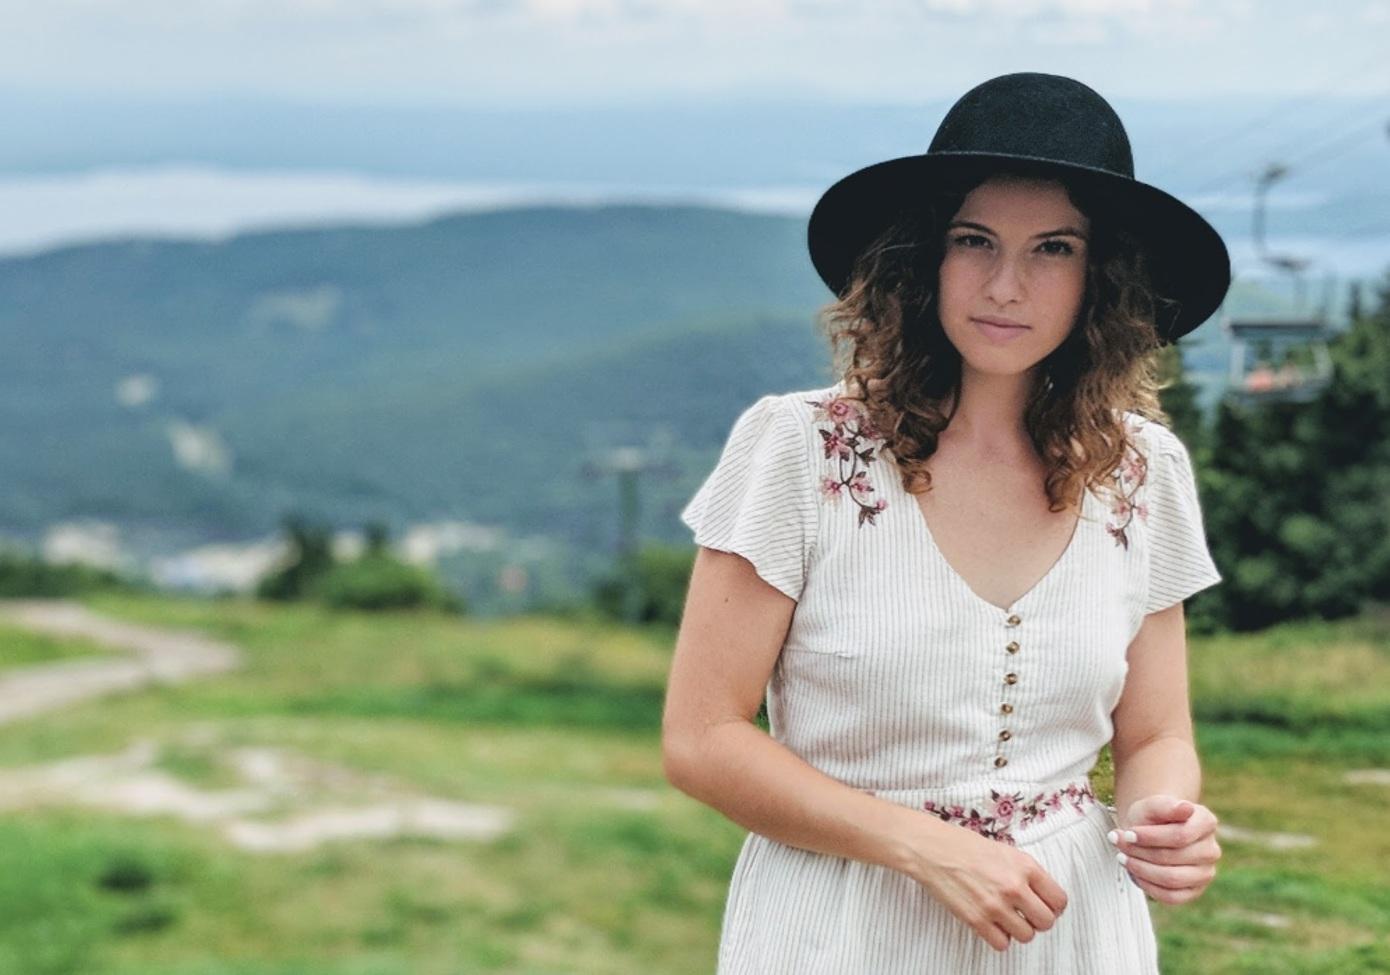 Hannah Dawber